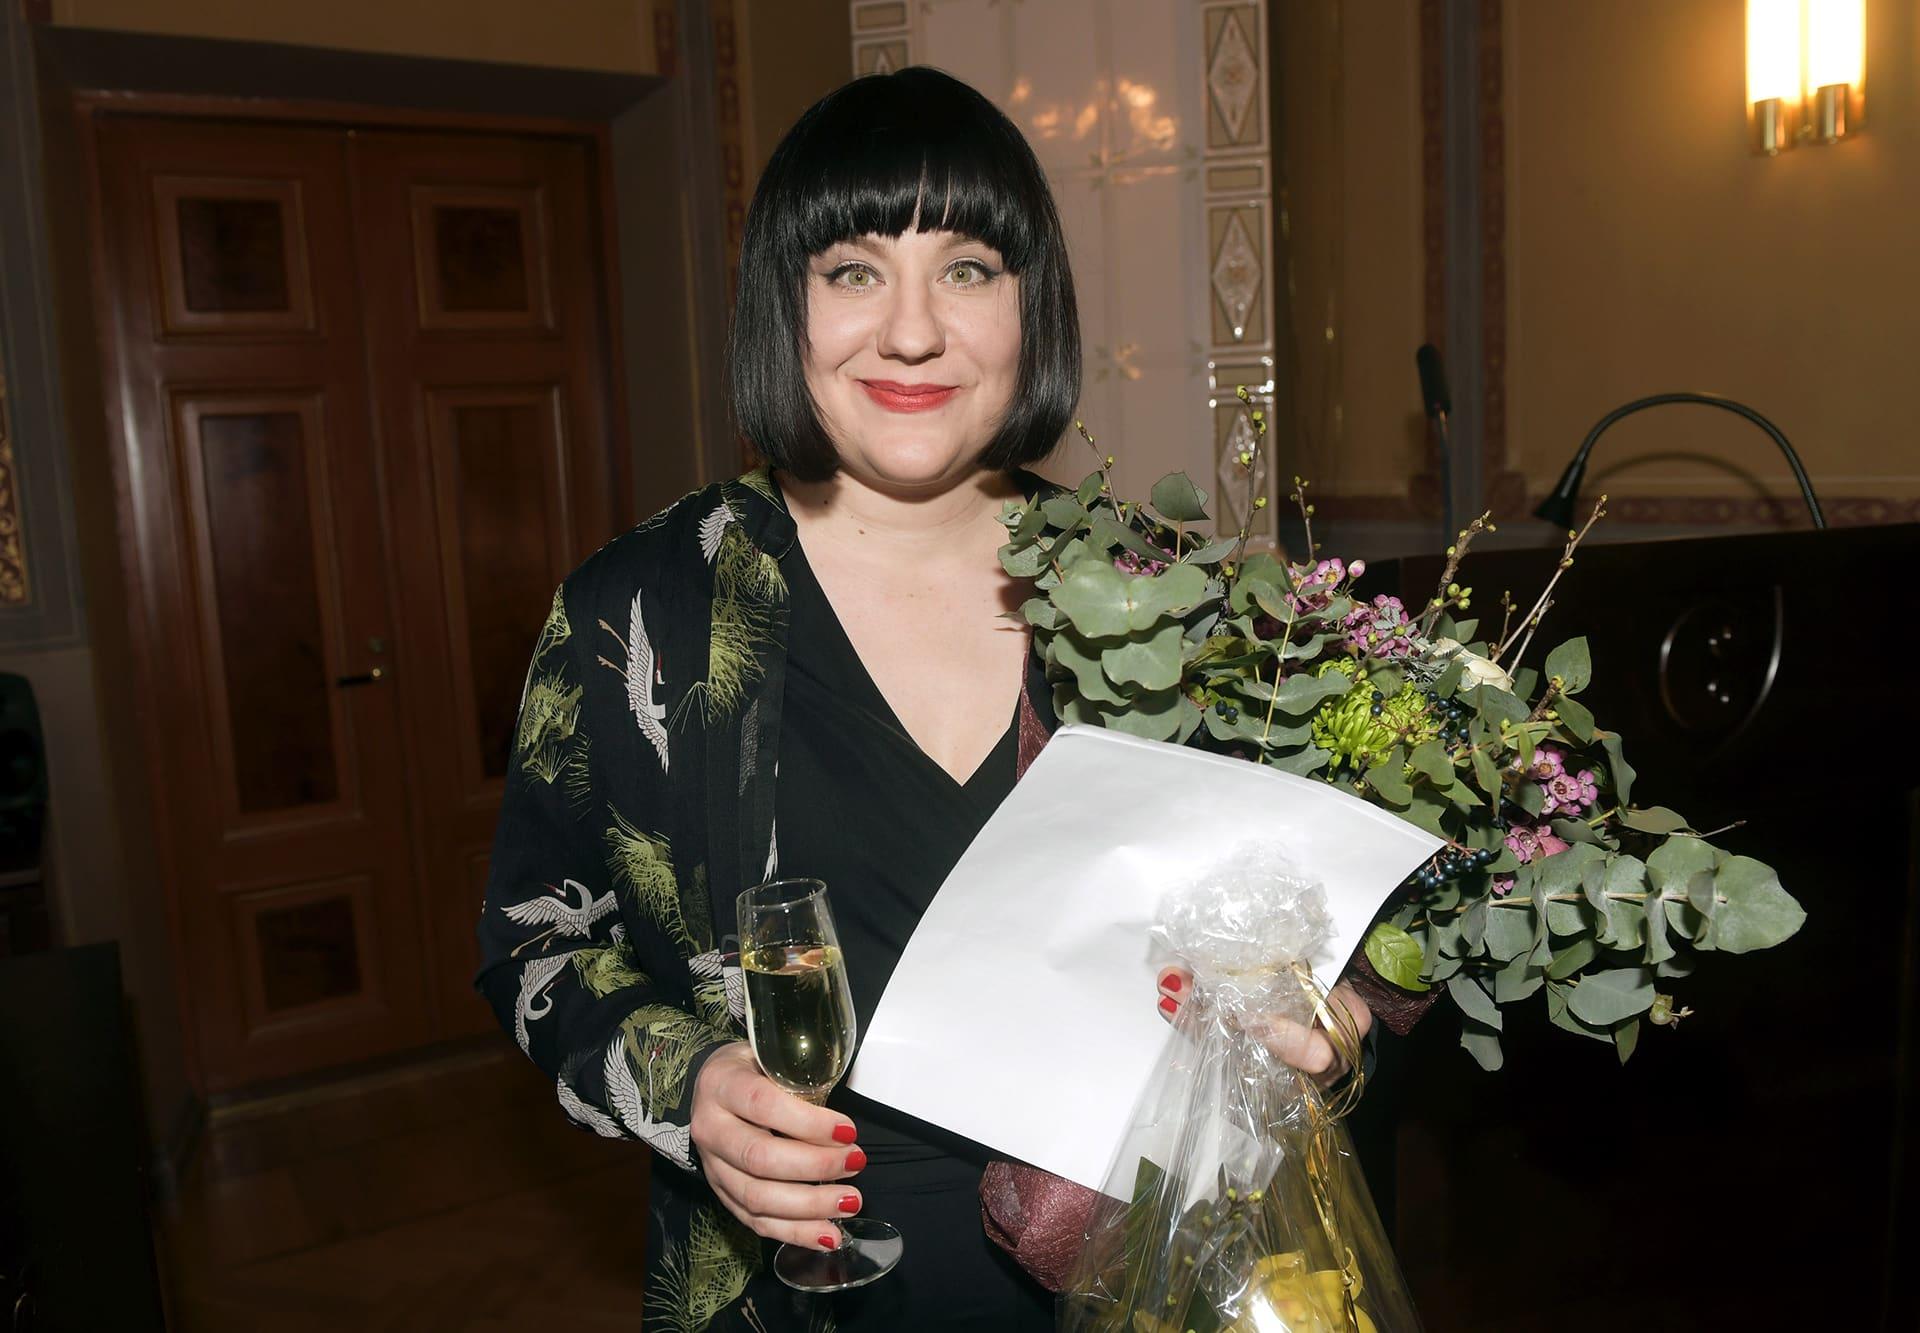 Kirjailija Marjo Niemi vastaanotti Runeberg-kirjallisuuspalkinnon romaanistaan Kaikkien menetysten äiti Porvoossa 5. helmikuuta